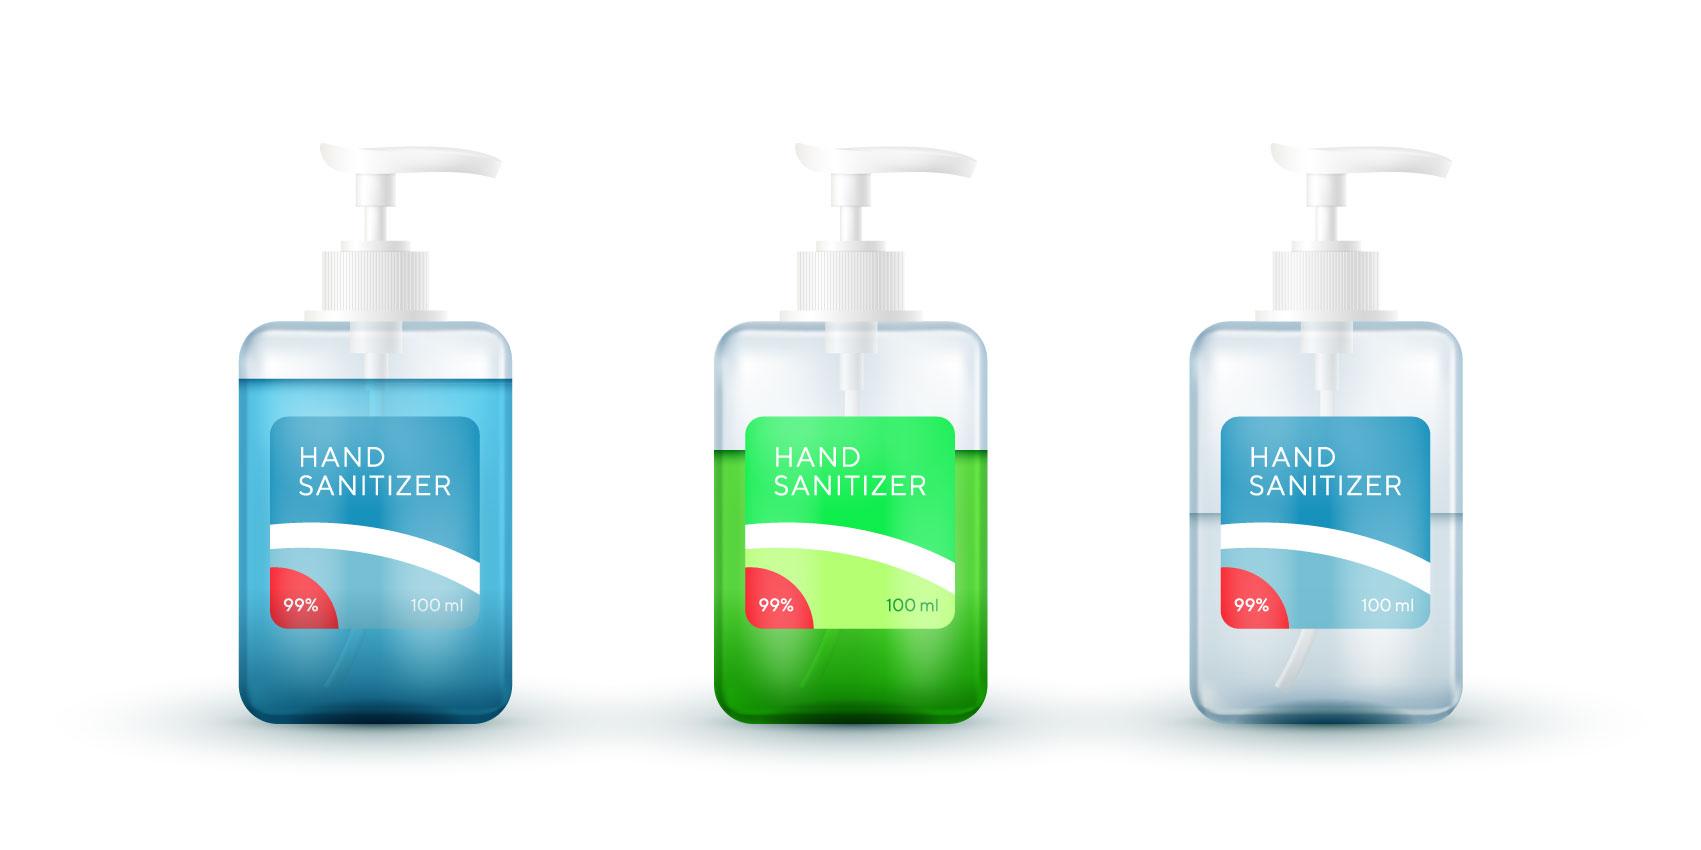 Sanitiser Labels